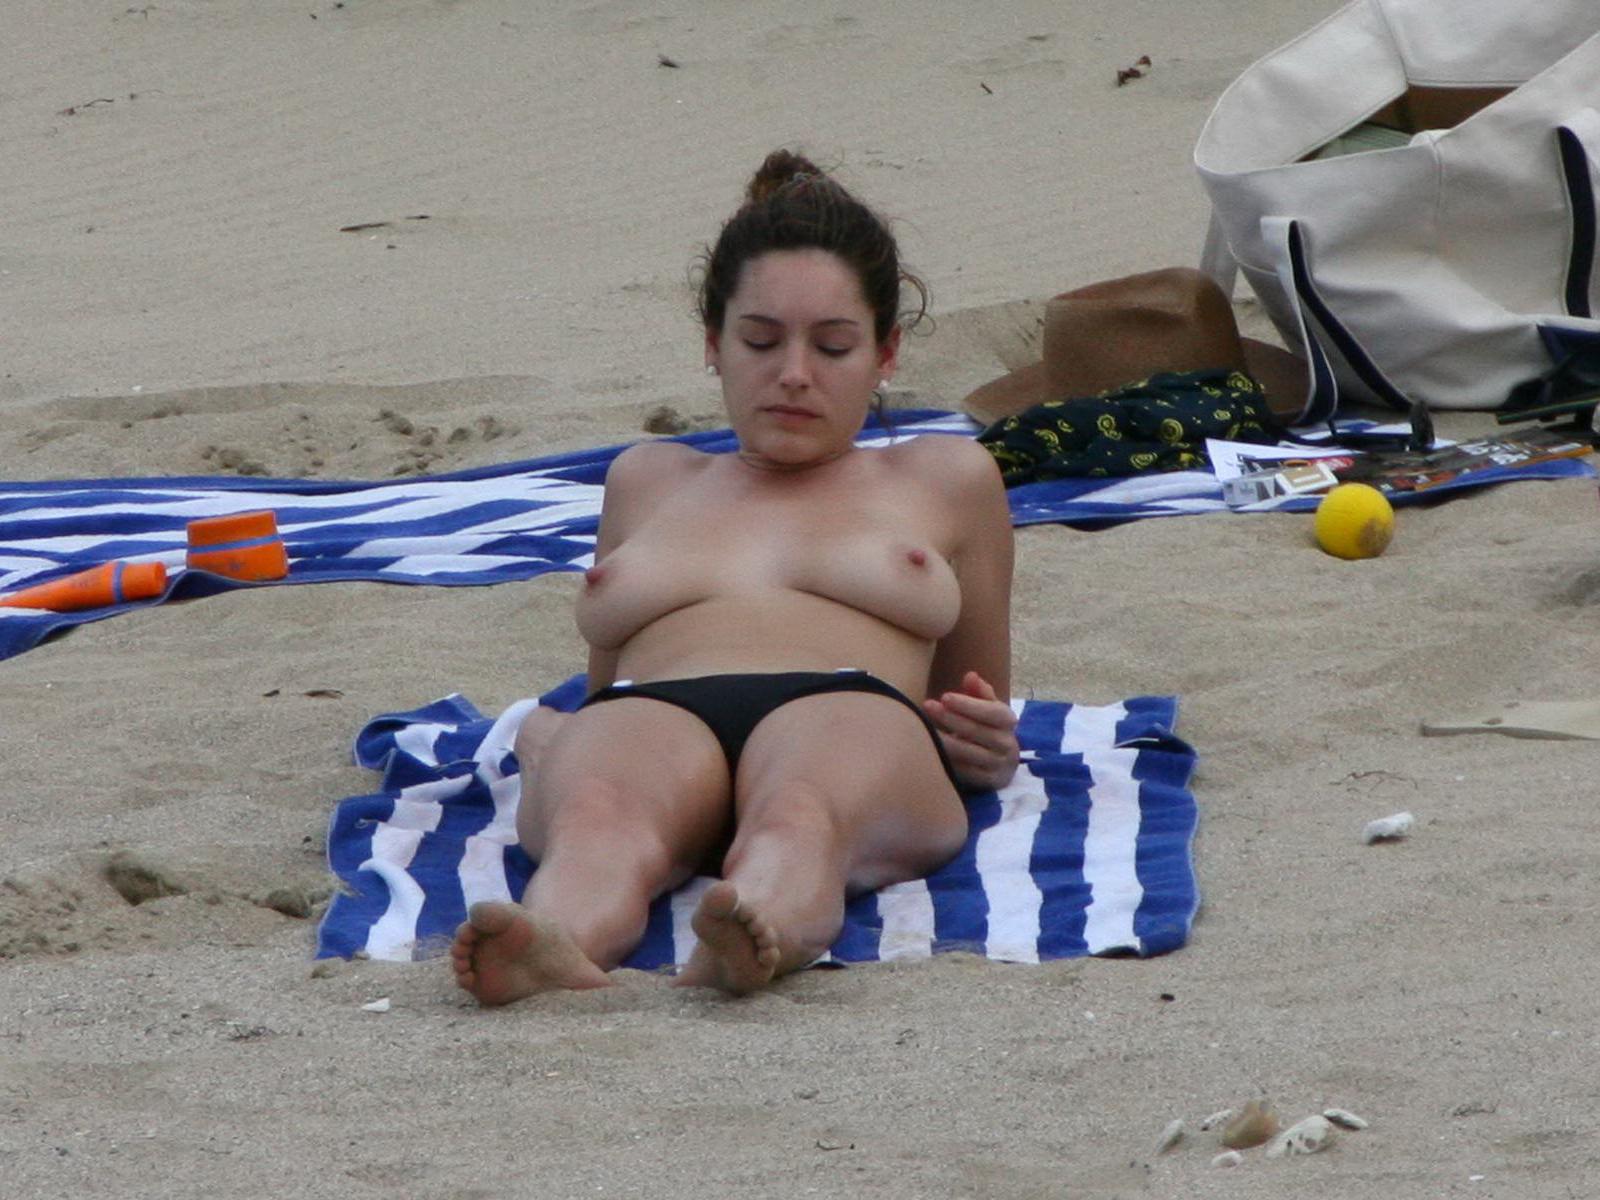 Rainy Sweet Kelly Brook Nude Topless On Beach Nice -4103